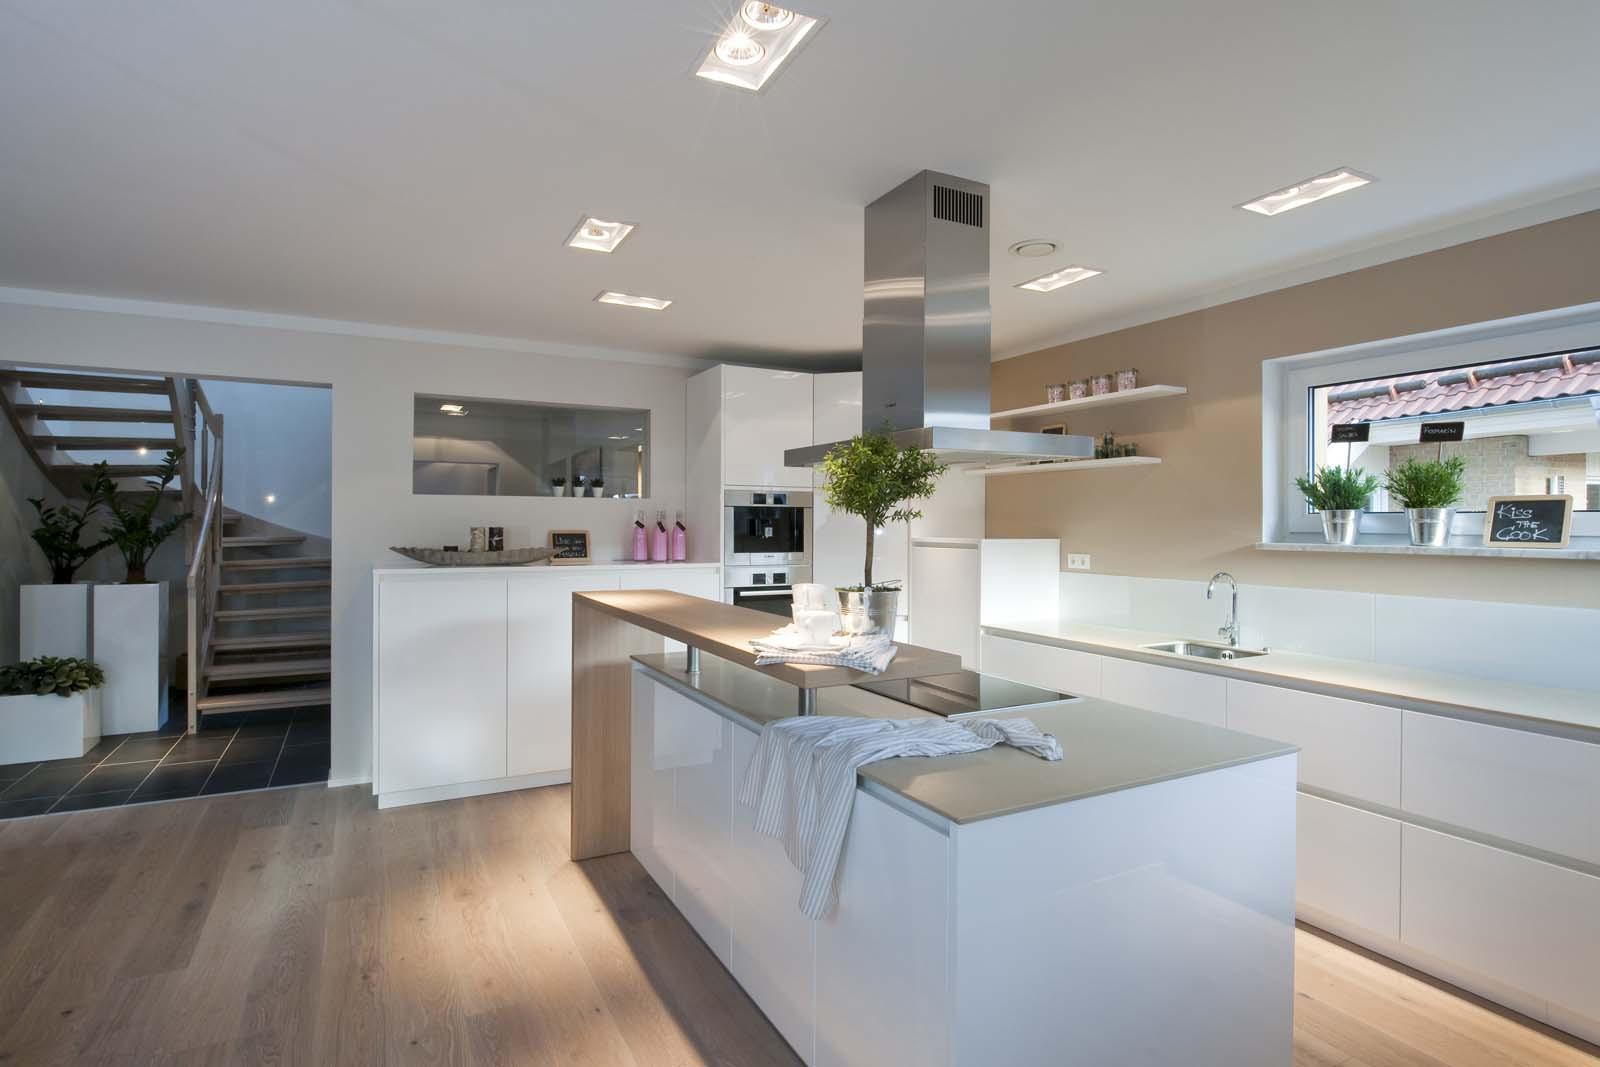 Küche Mit Kochinsel  Haus Haas MH Fellbach 163